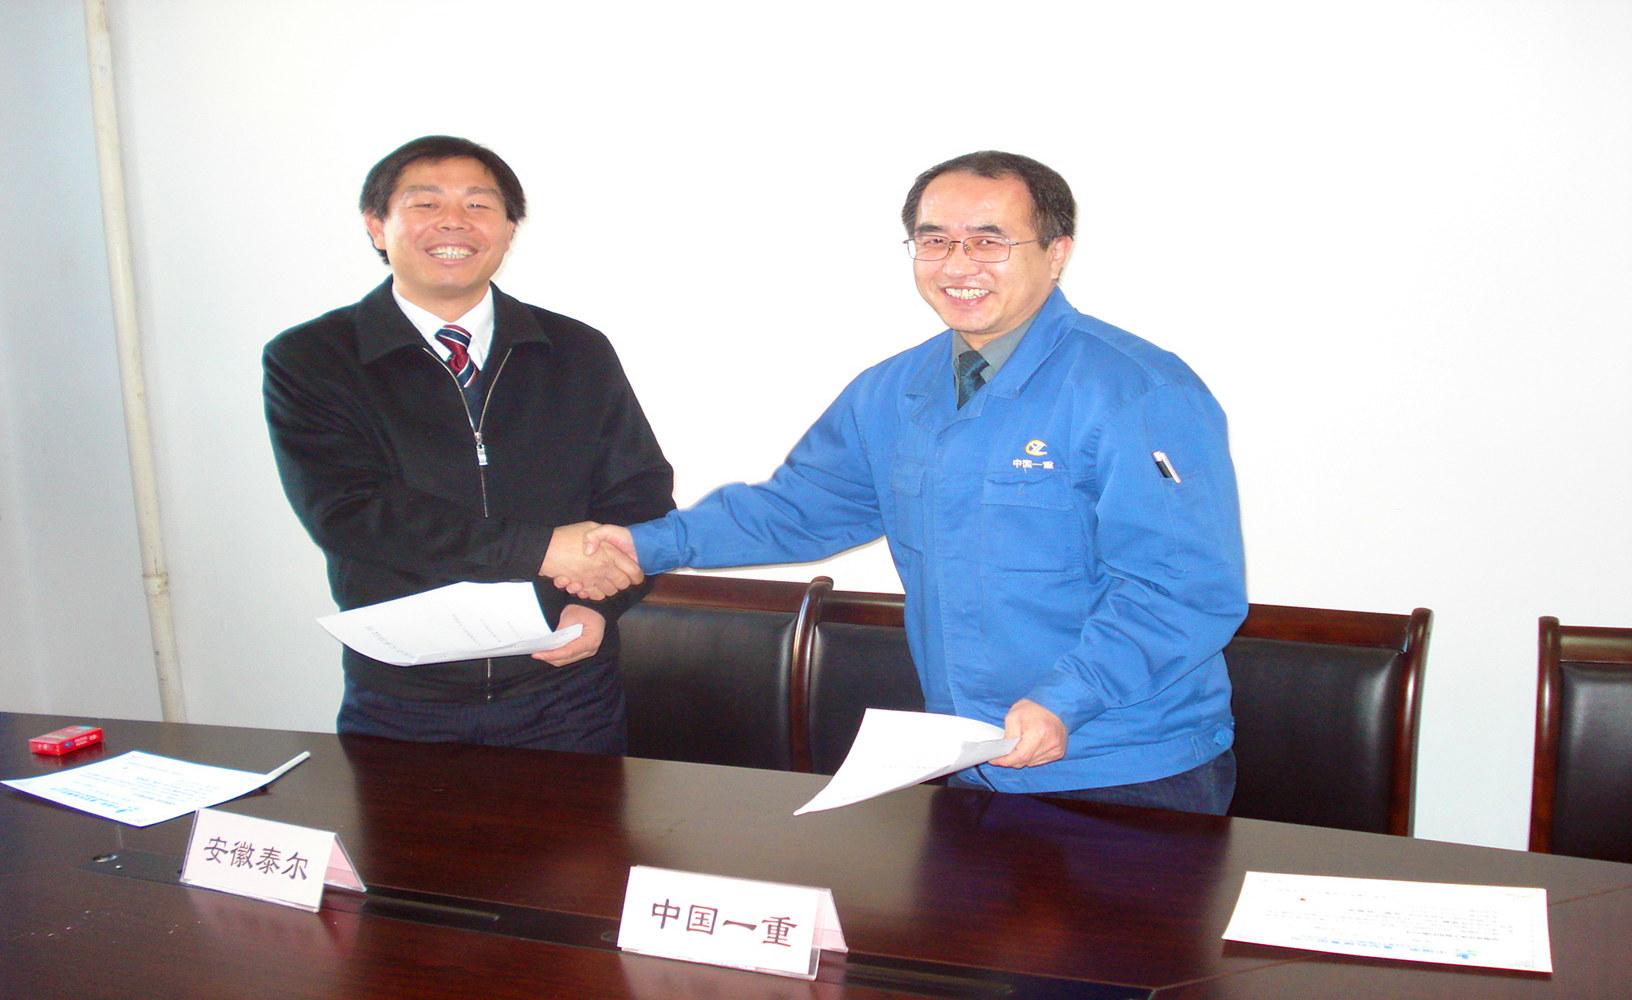 与中国第一重型机械集团公司签订战略合作协议